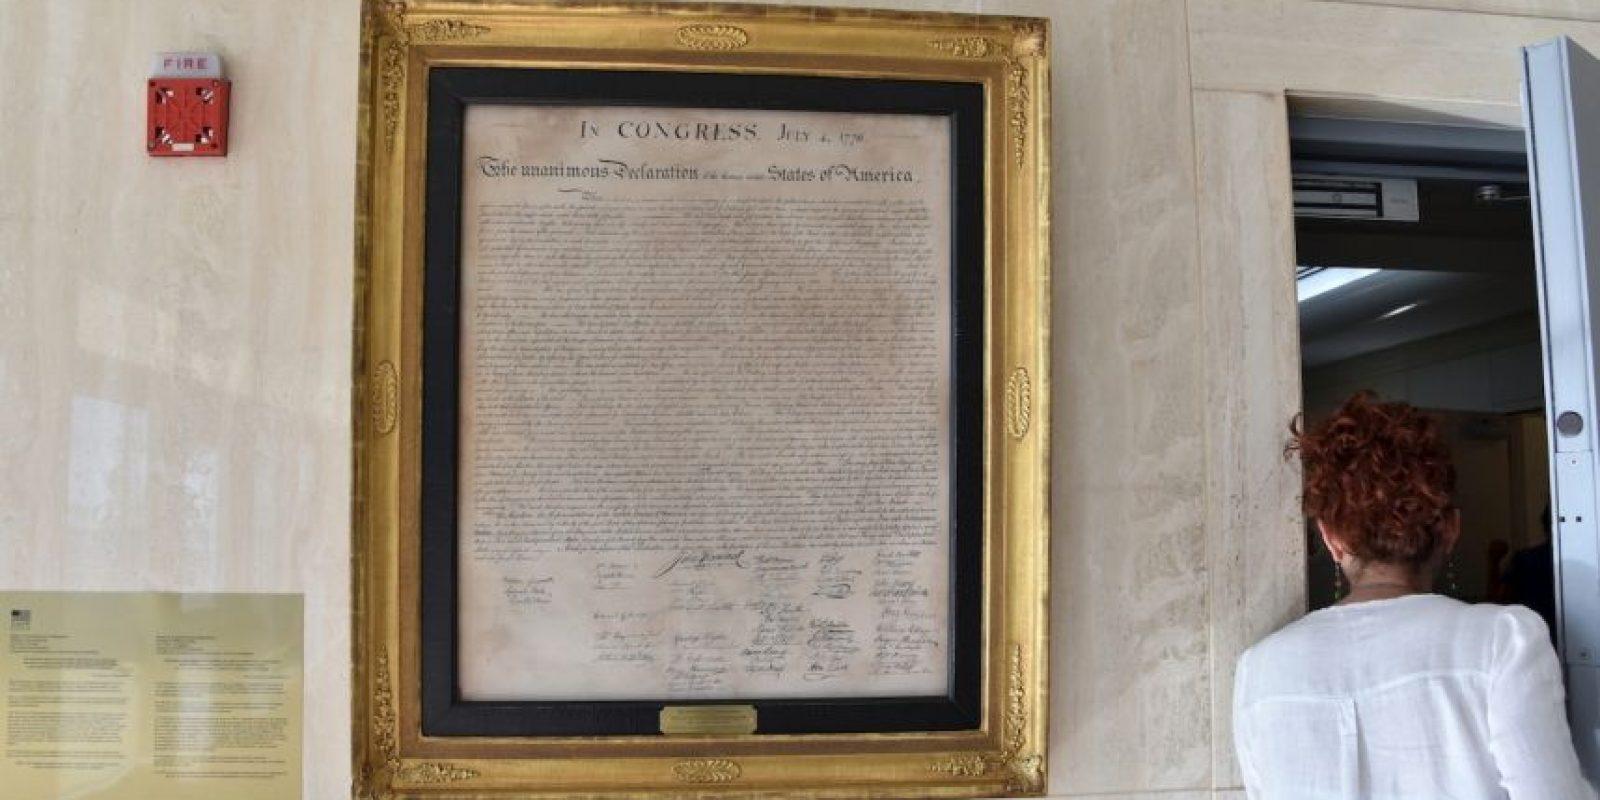 Copia de la declaración de independencia de Estados Unidos que cuelga en una de las paredes de la embajada Foto:AFP